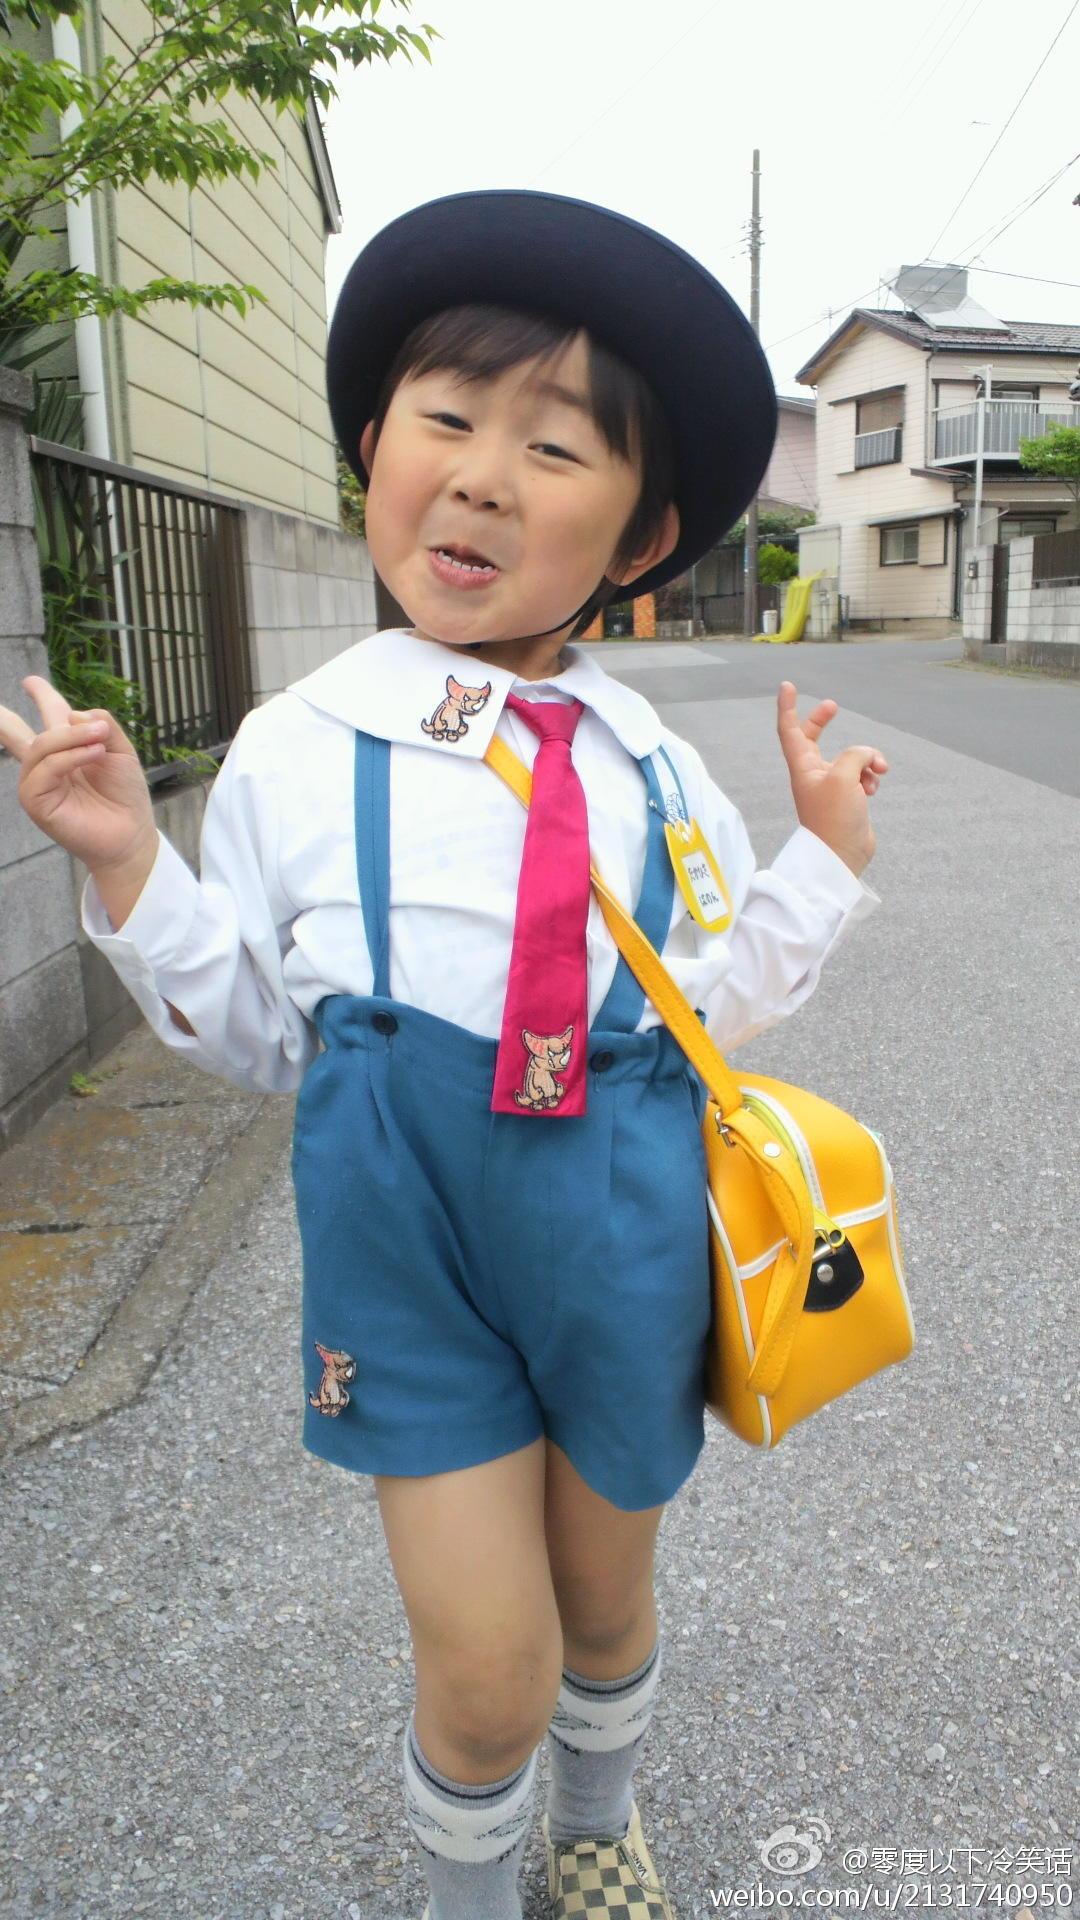 和阿信长的相似的表情搞笑的小女孩原图